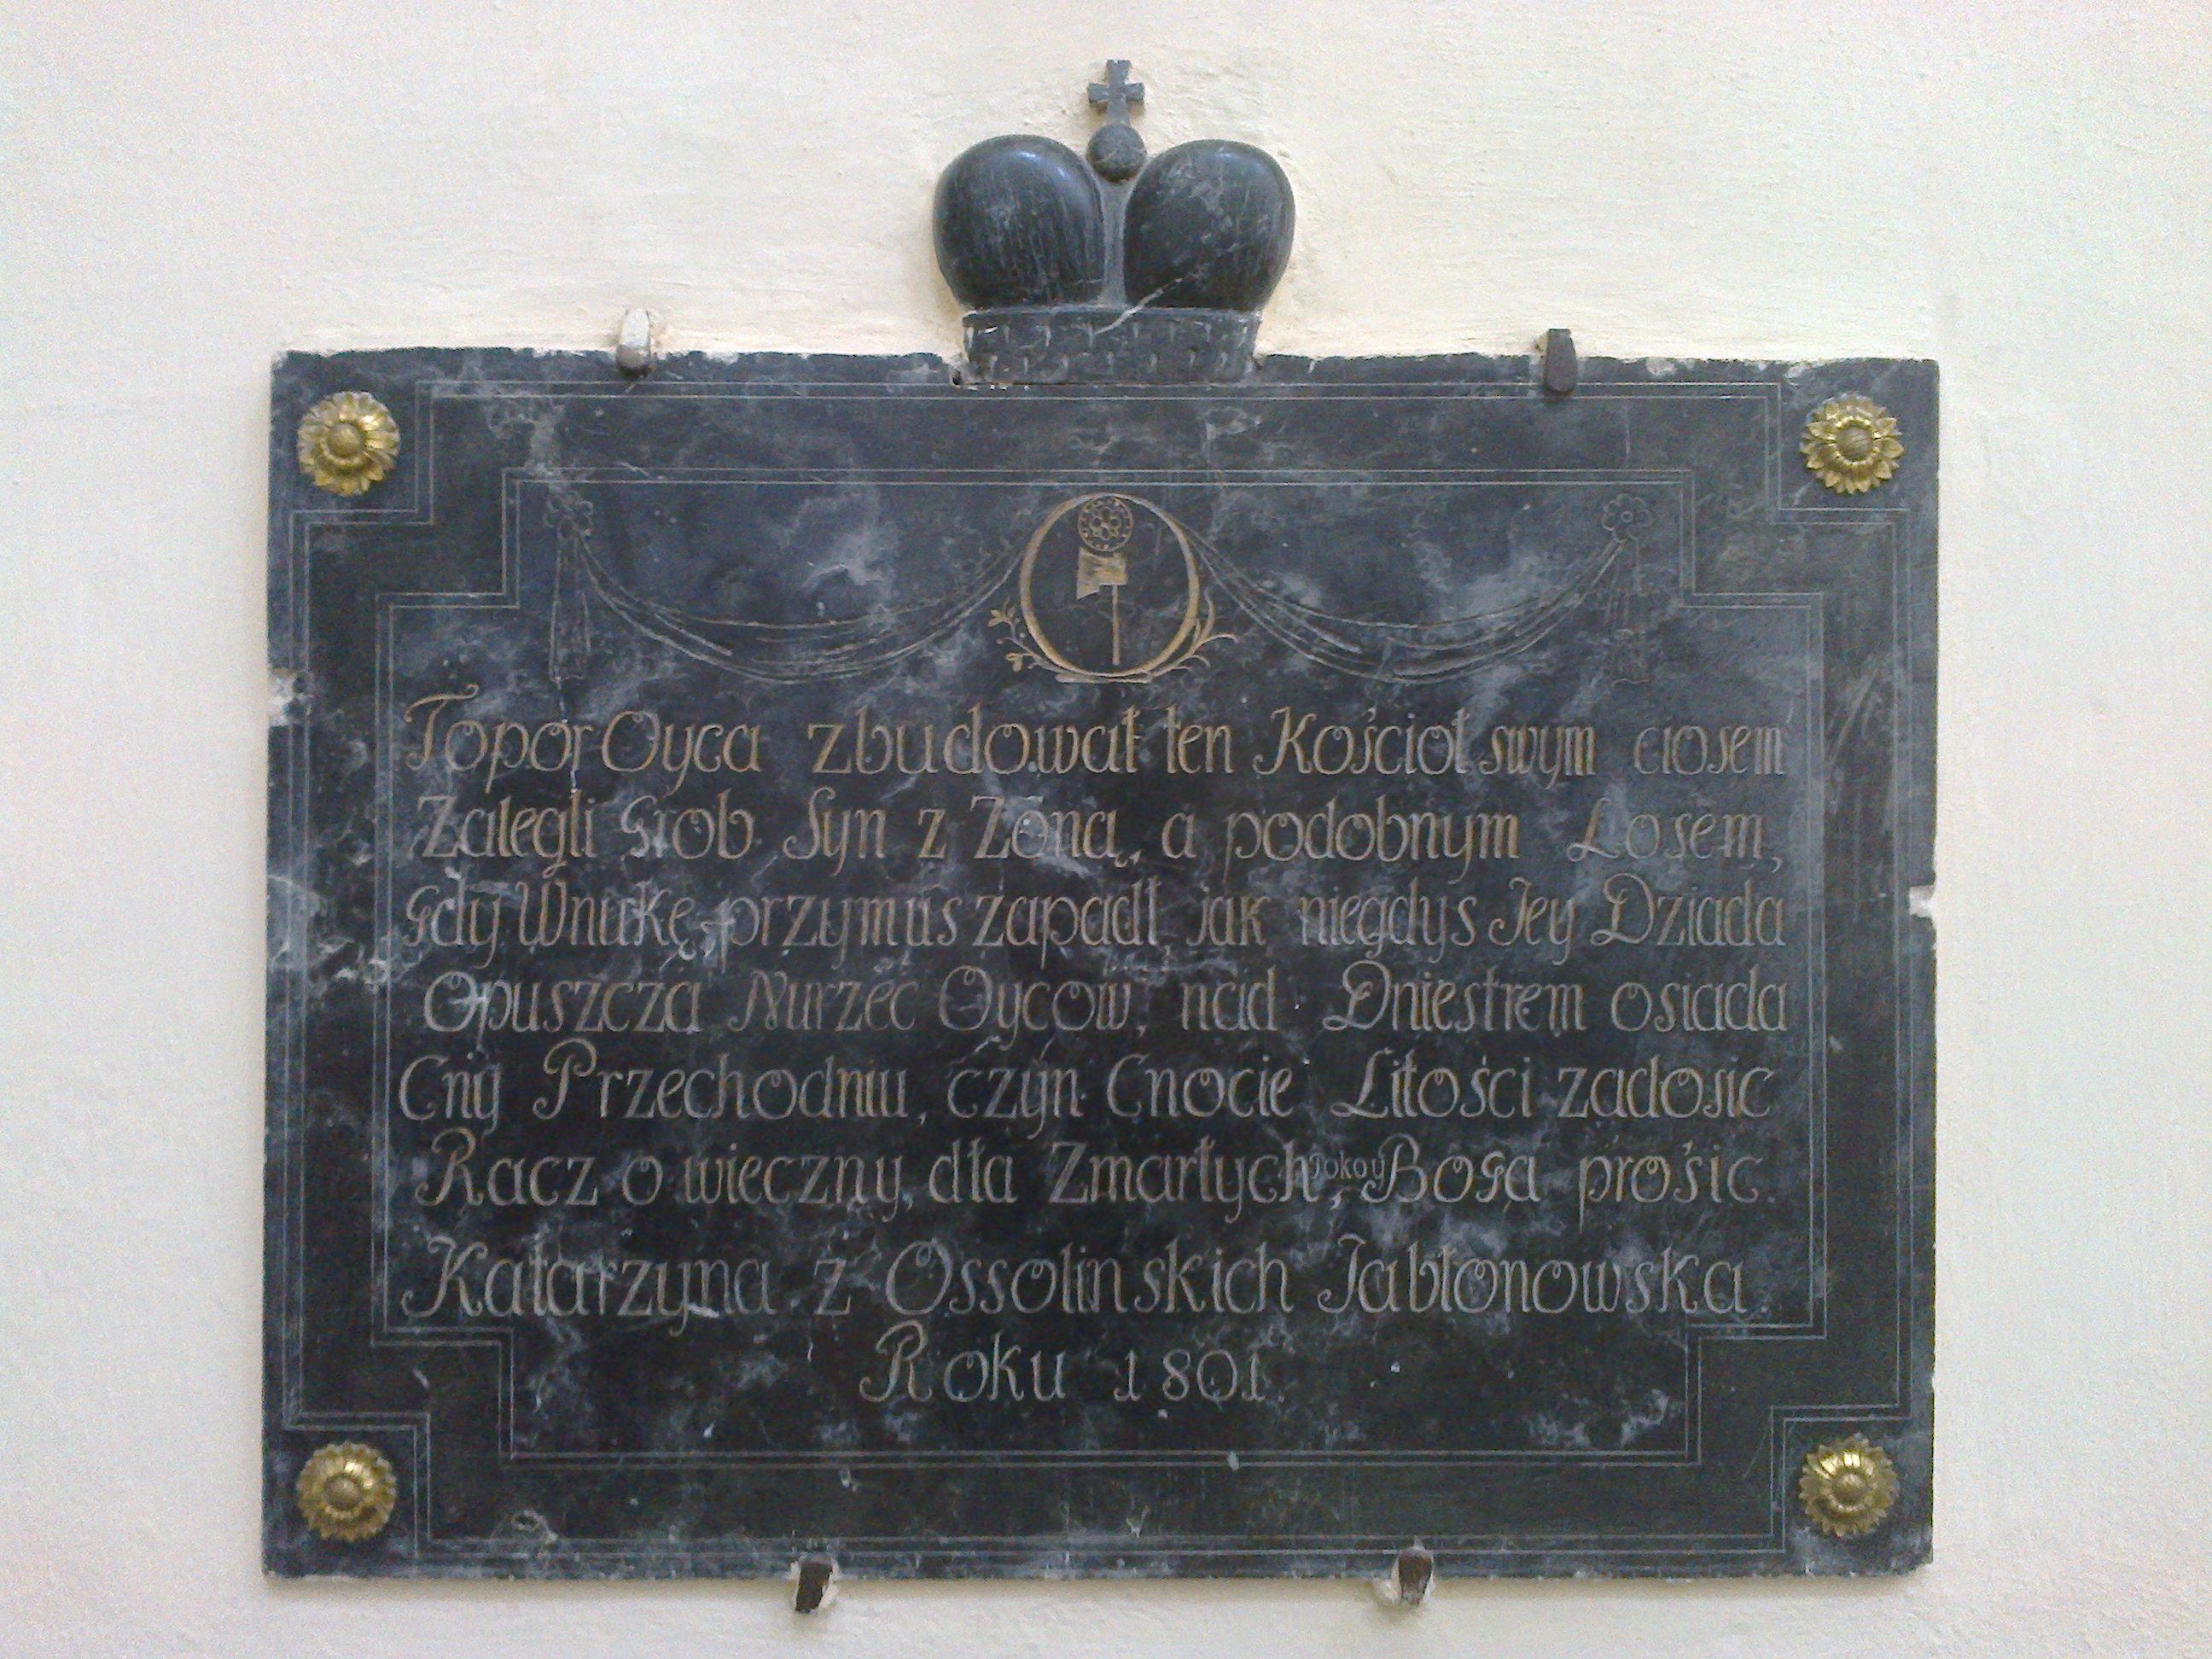 Tablica grobowa Katarzyny zOssolińskich Jabłonowskiej zm. 1801 r.